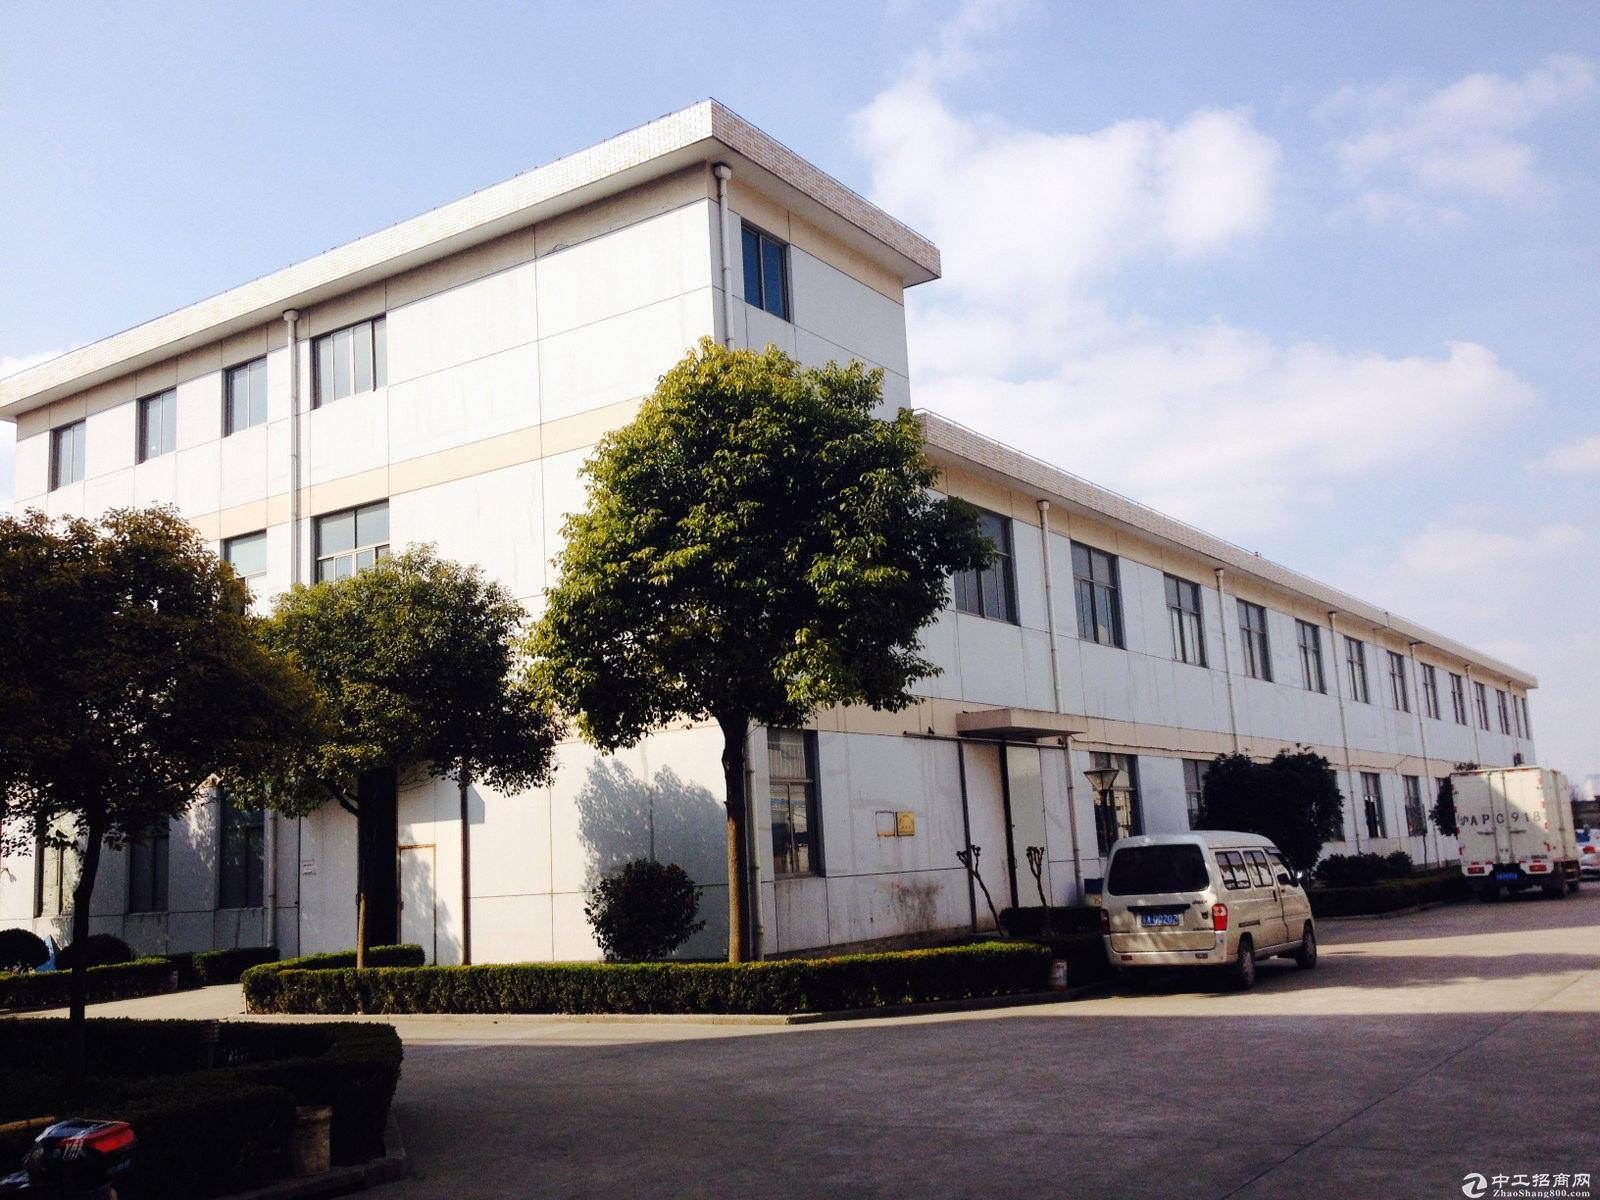 朱泾高速口园区马路边上独栋双层绿证104板块可生产加工型厂房低价诚售